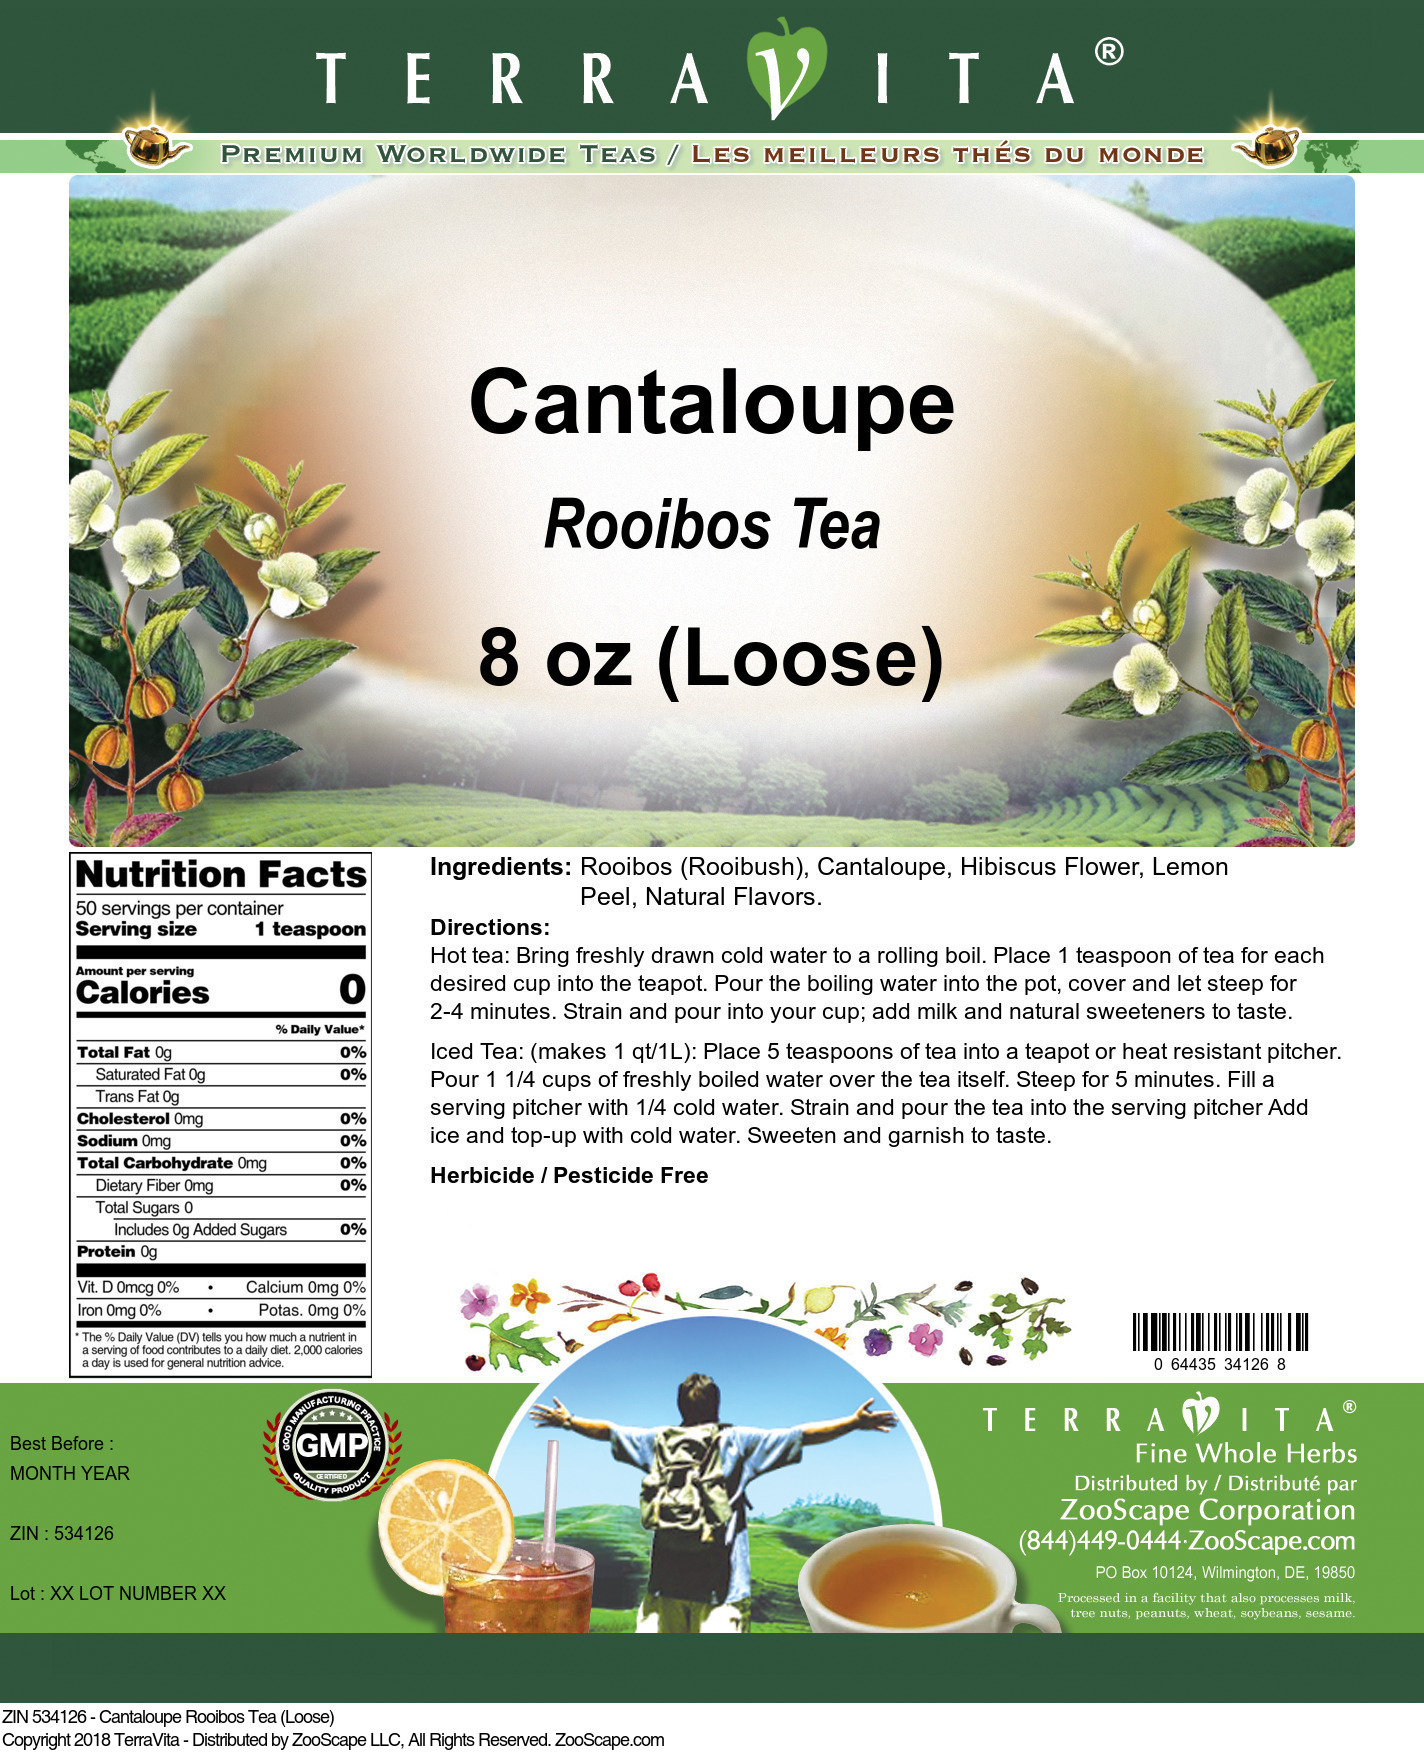 Cantaloupe Rooibos Tea (Loose)